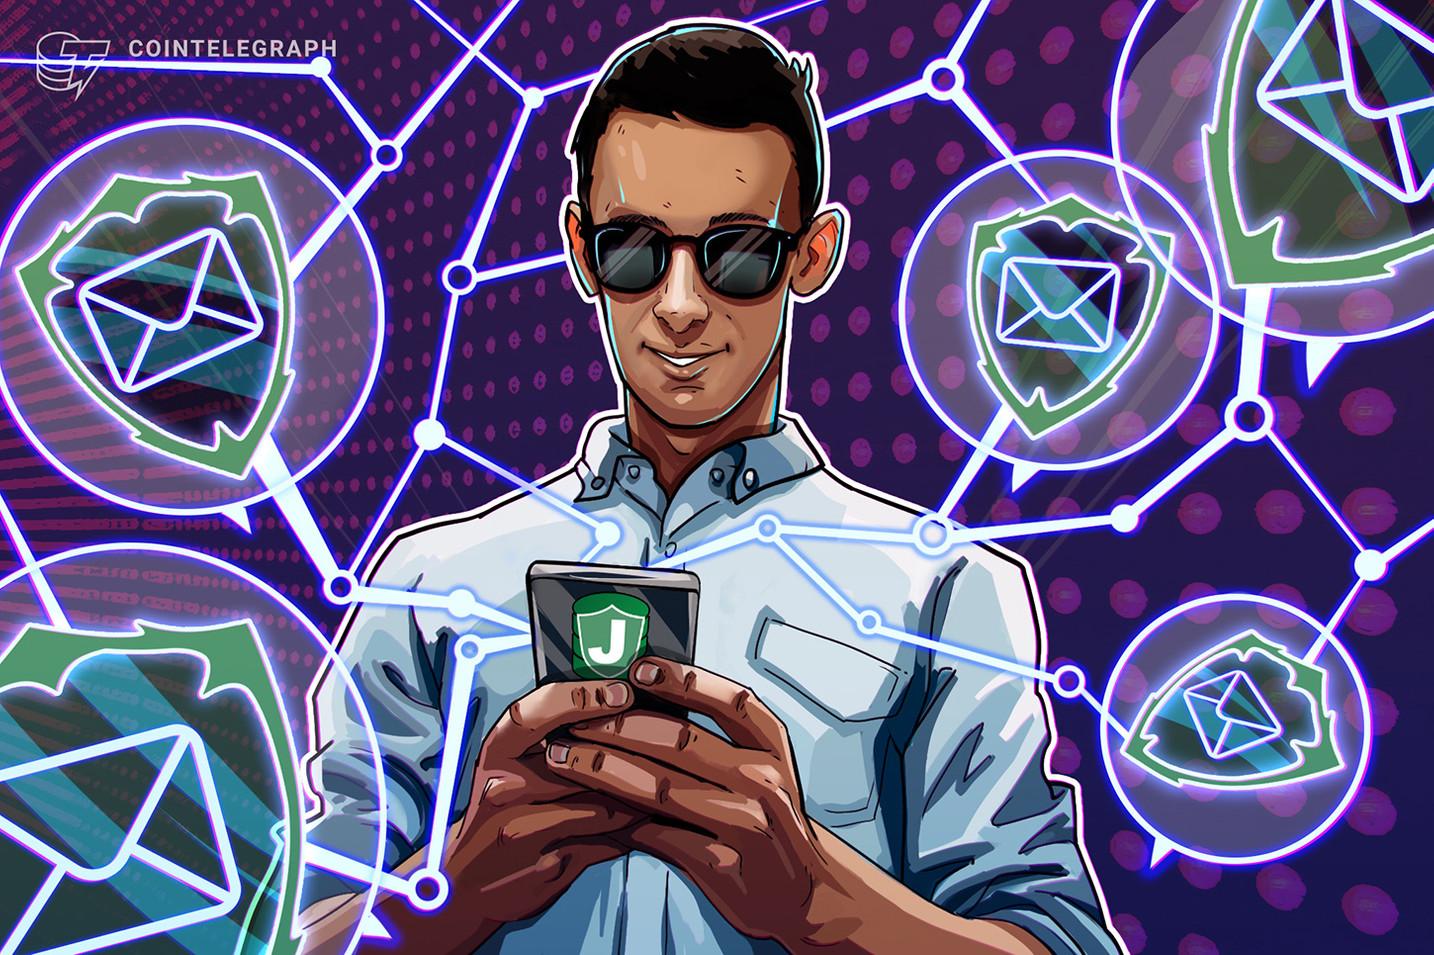 Nakon što je pokrenuo DApp za suparnički WhatsApp, blockchain želi preuzeti Instagram